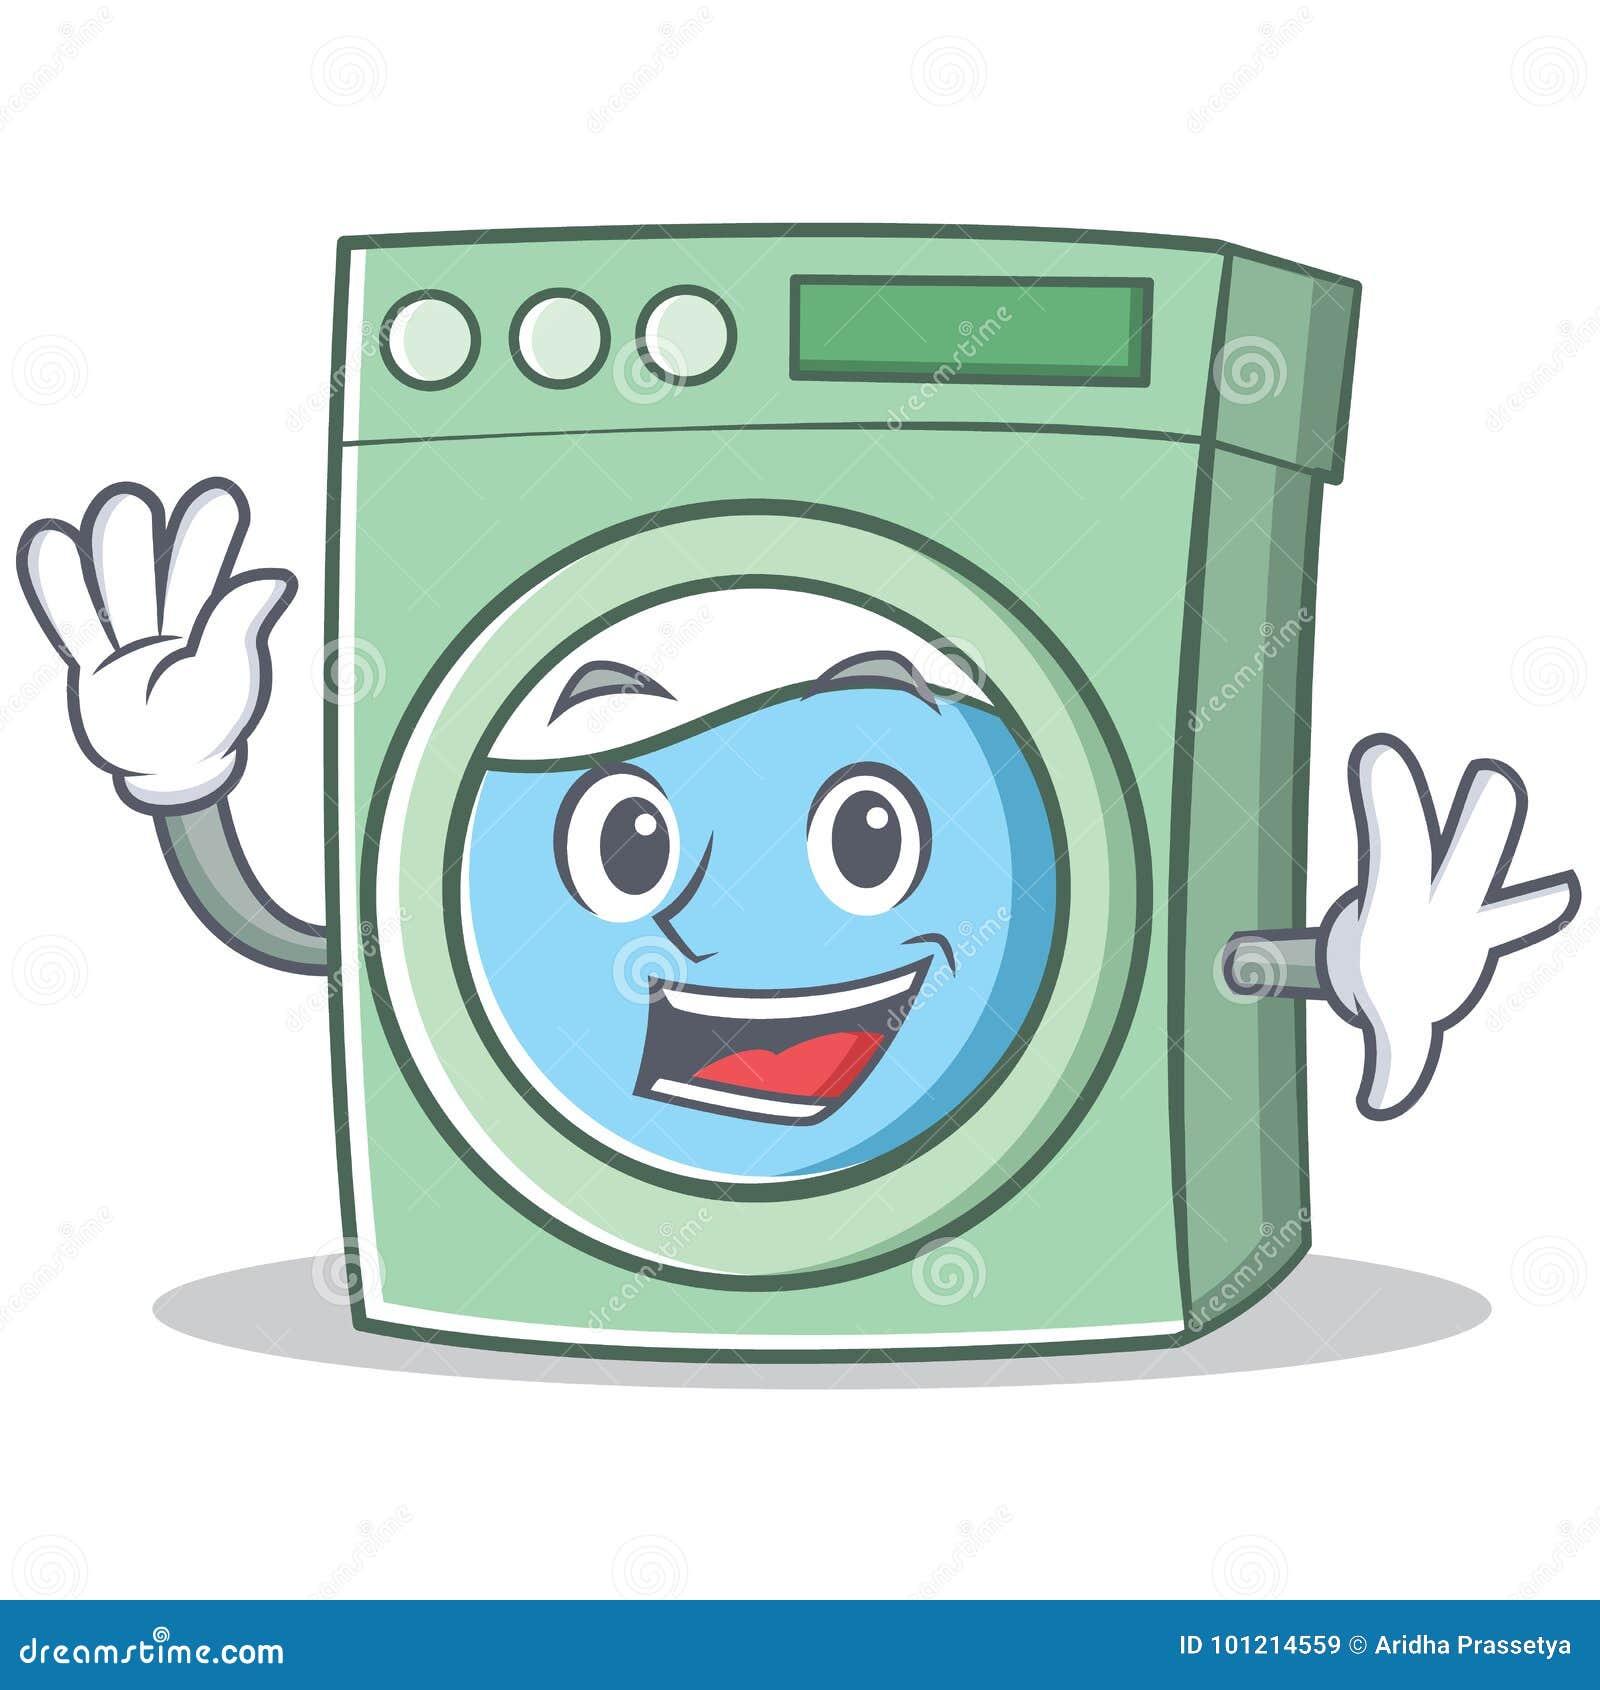 Desenhos Animados De Ondulacao Do Carater Da Maquina De Lavar